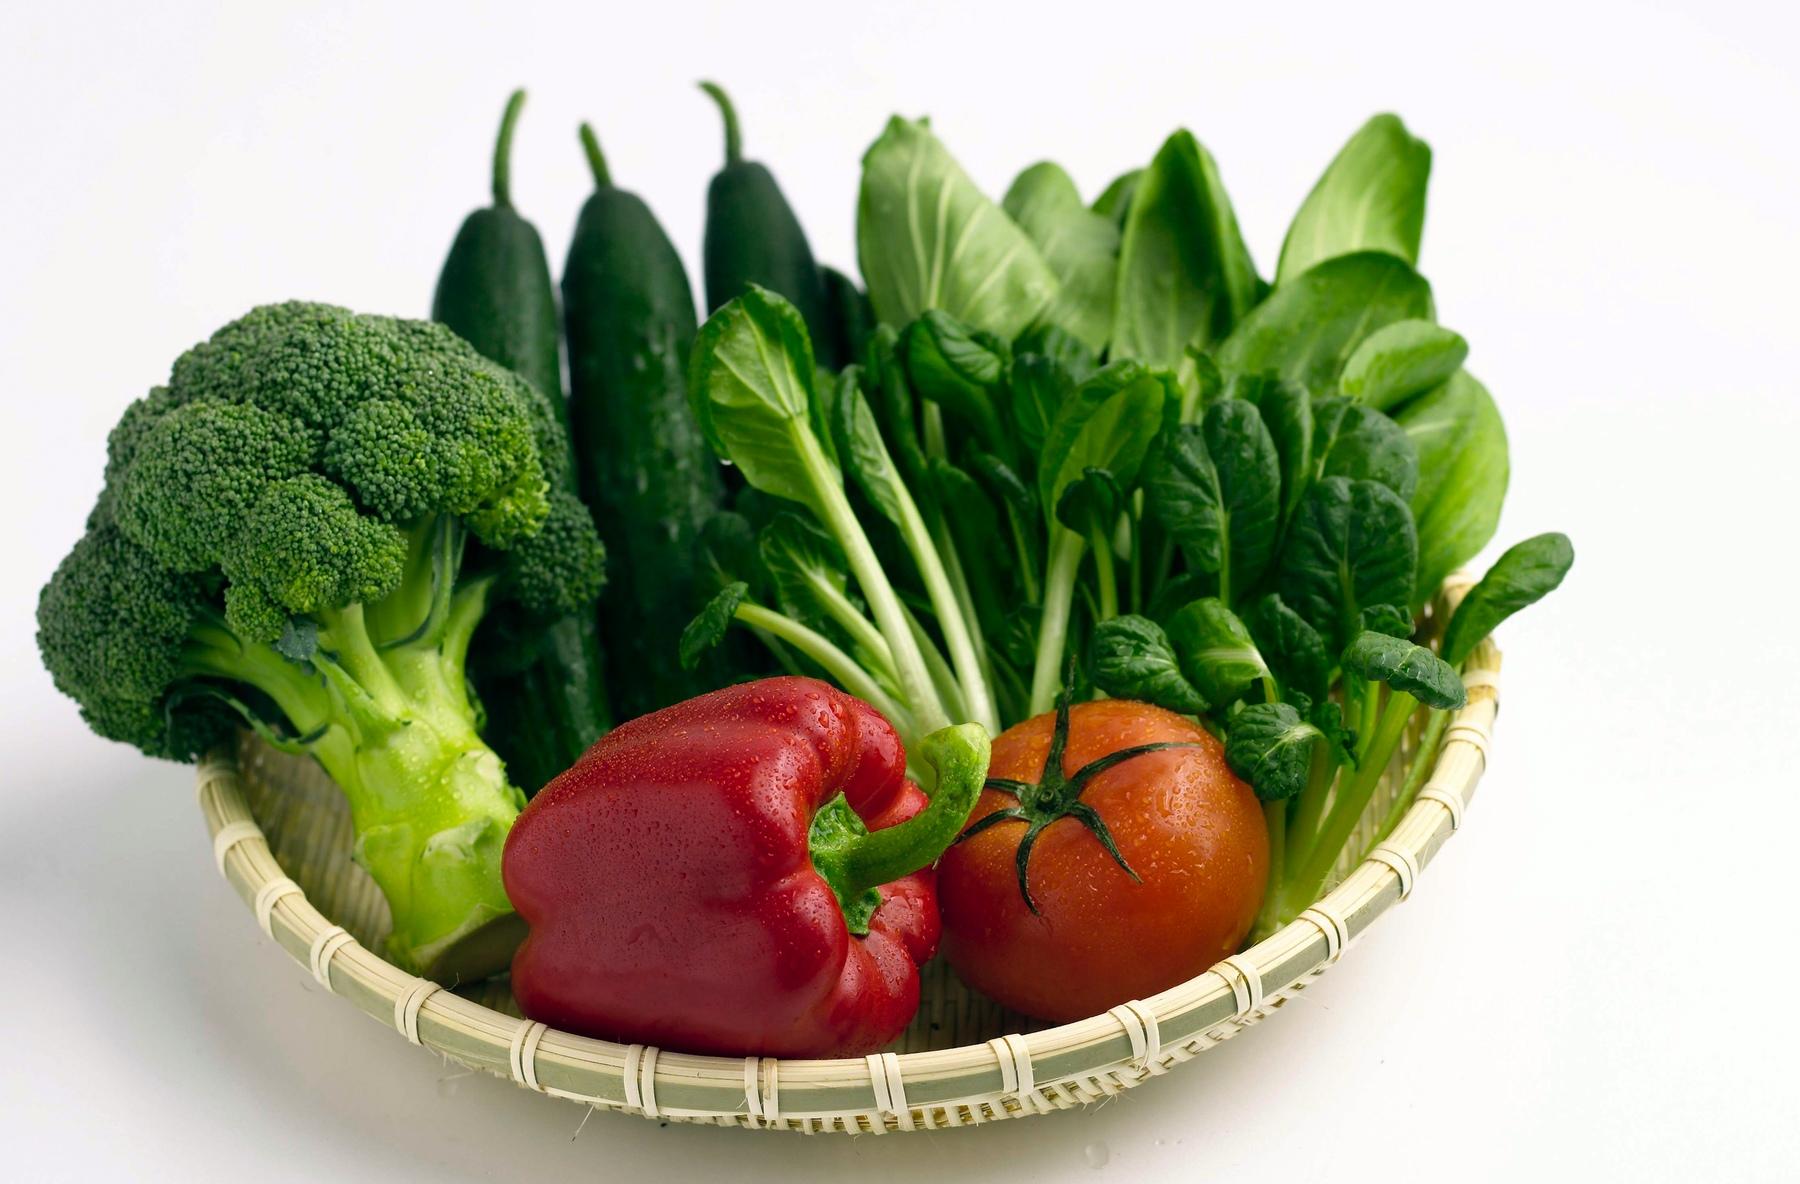 Top 10 Low Carb Foods